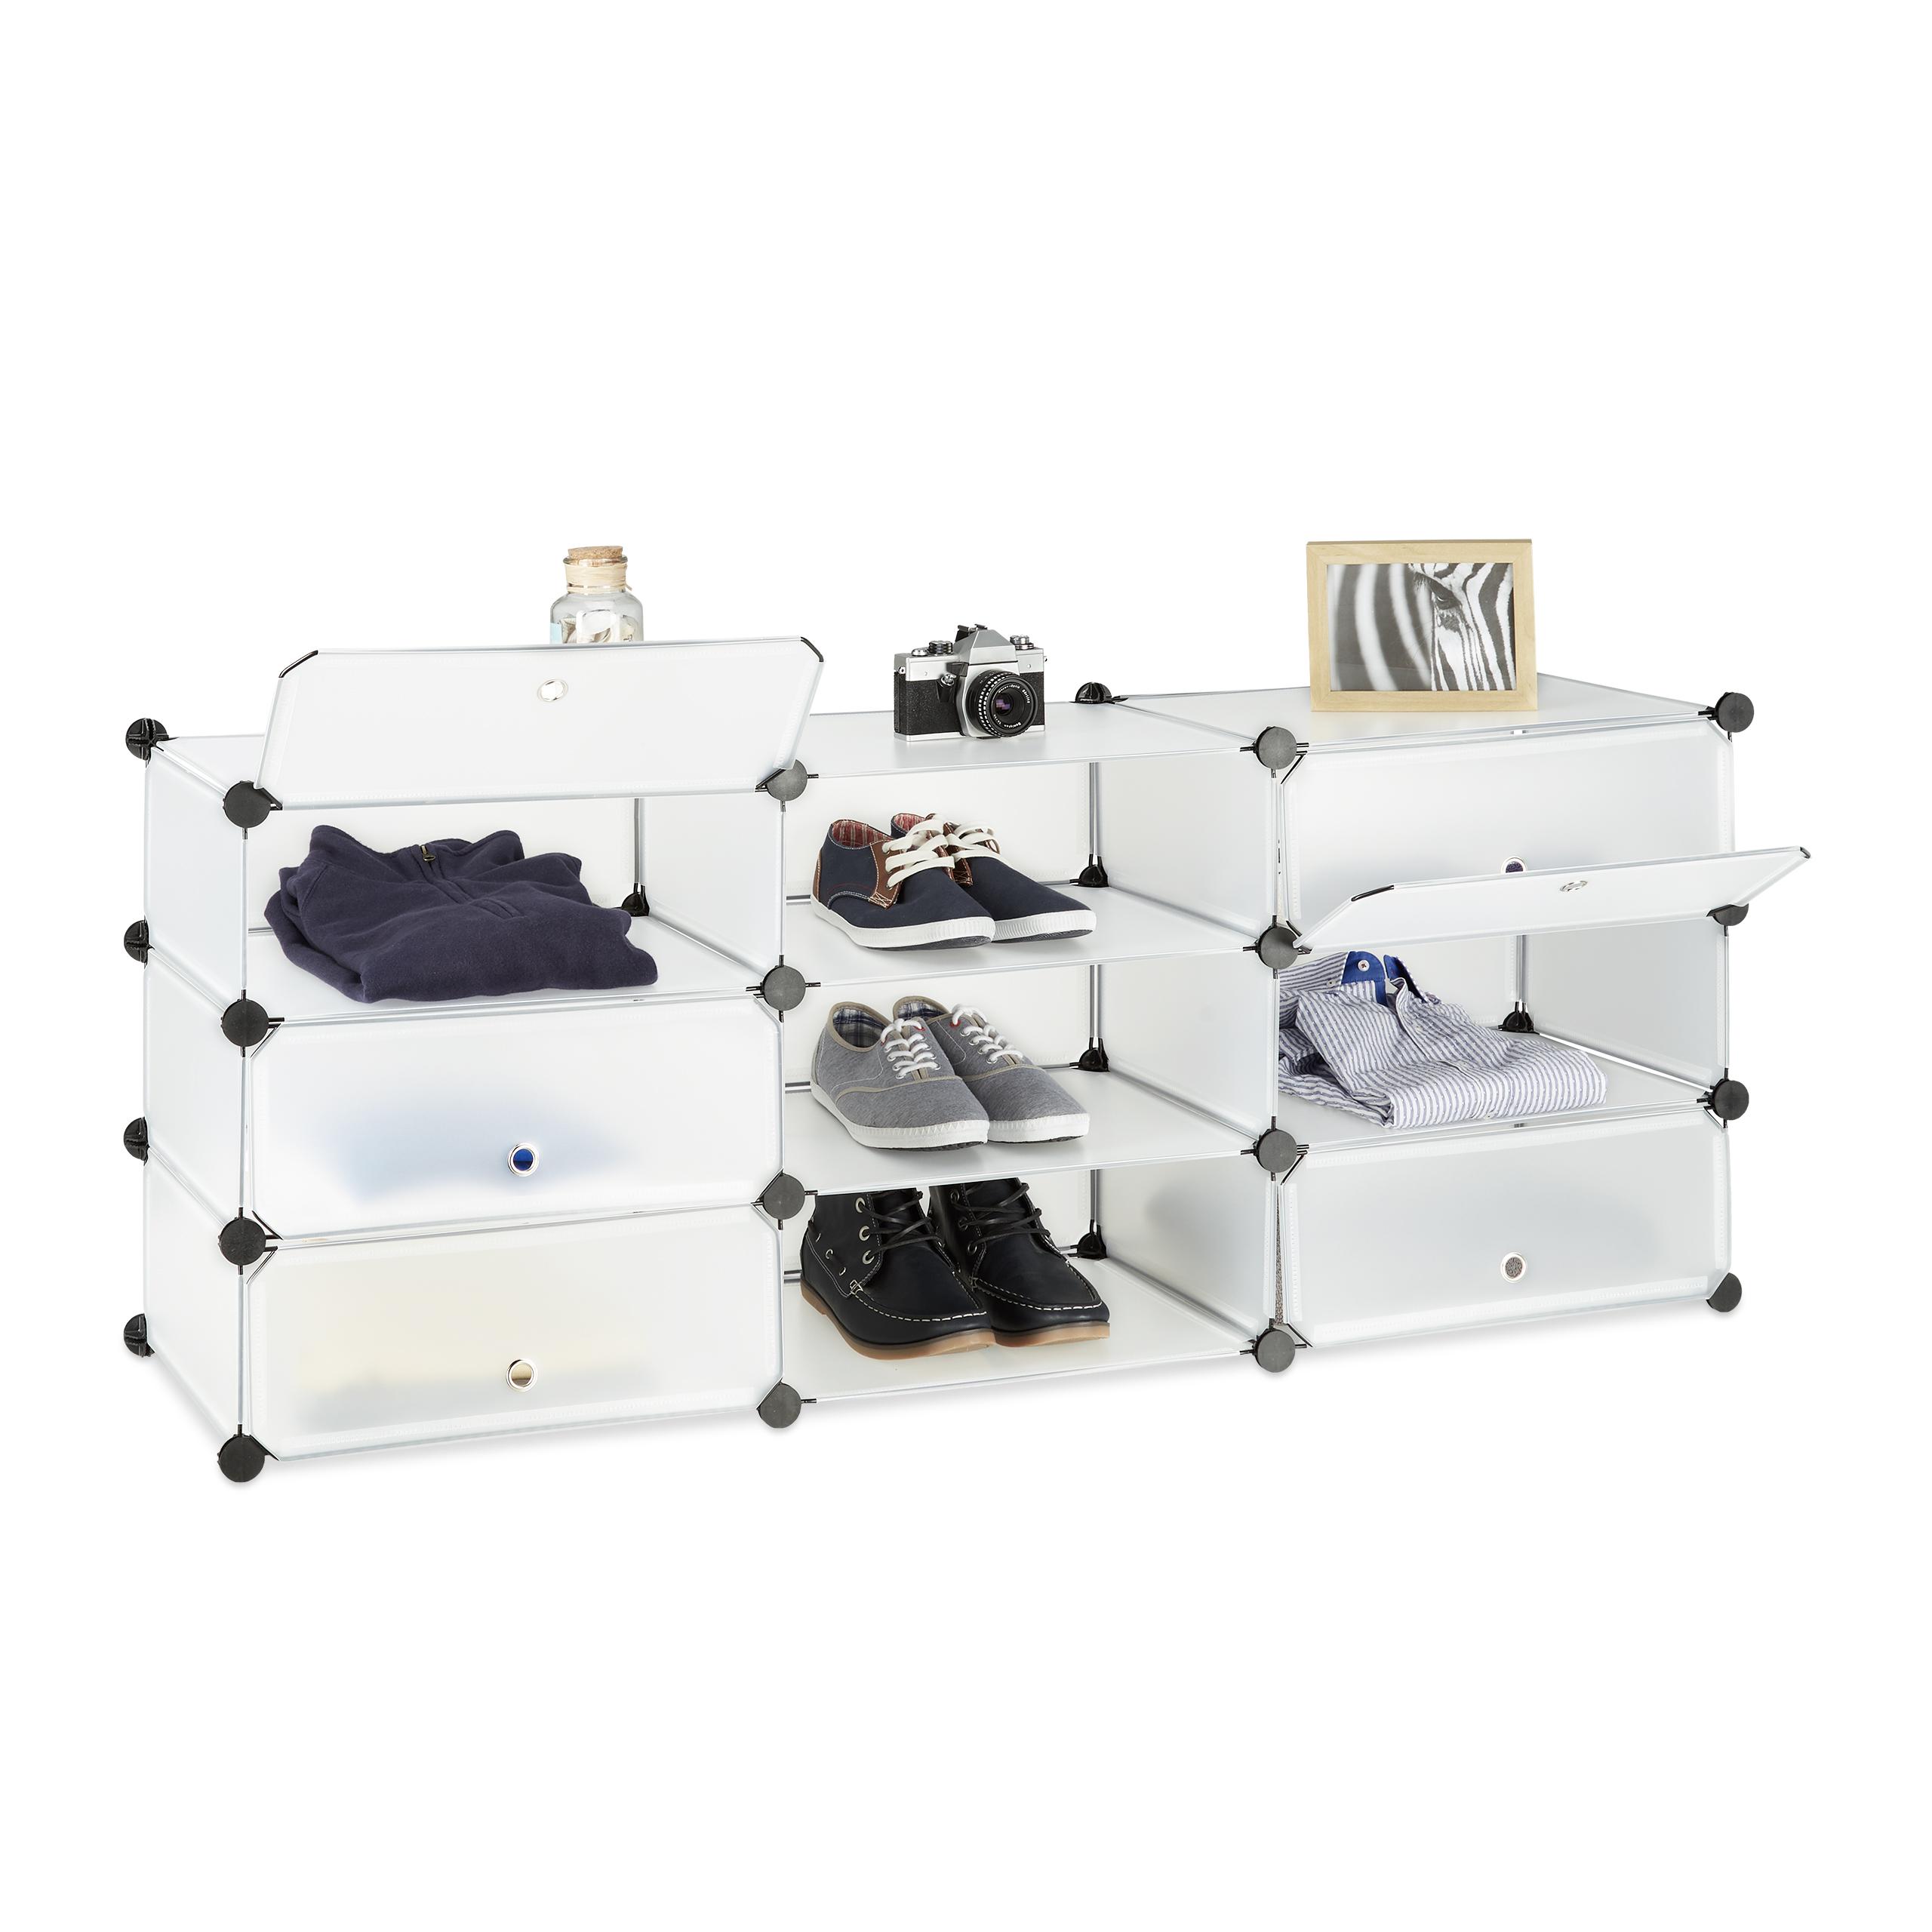 Schuhschrank 10 Fächer Schuhregal groß Regalsystem mit Türen